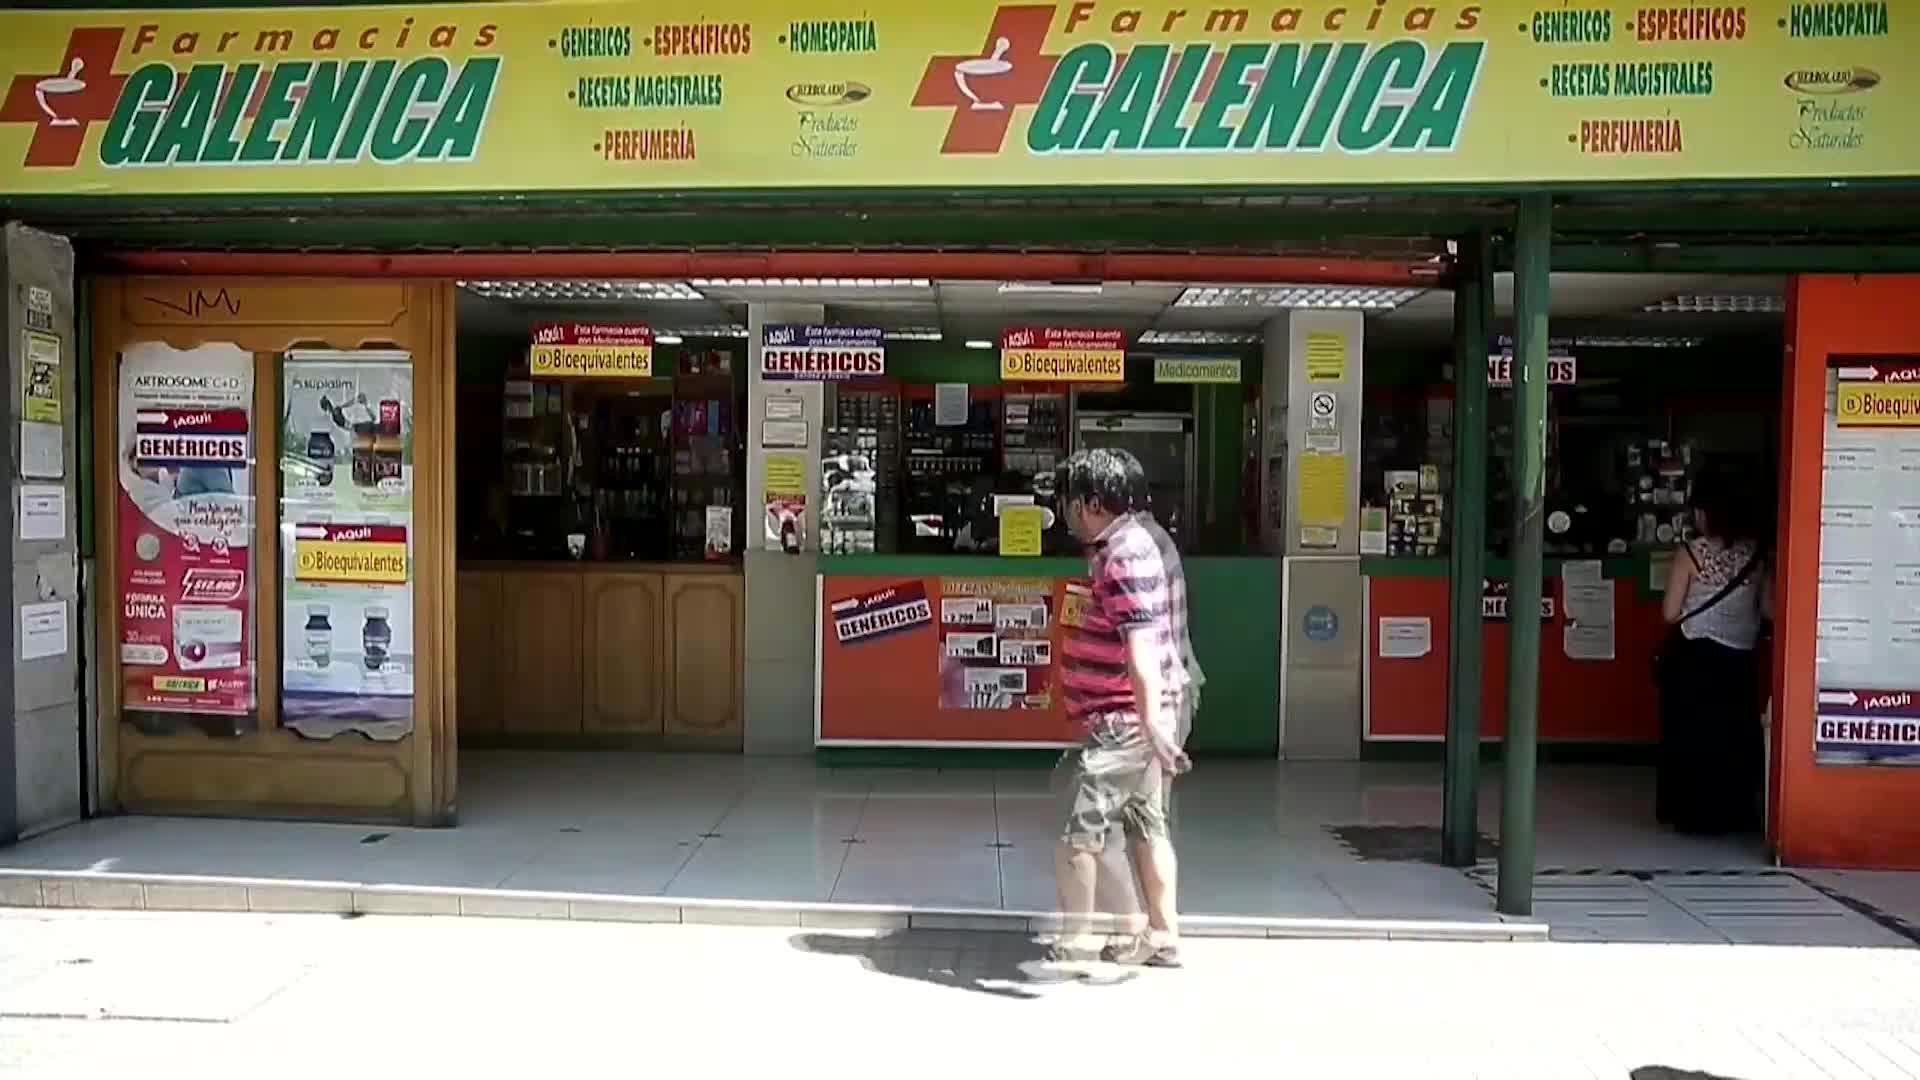 Alto costo de medicinas en Chile desata críticas contra industria farmacéutica